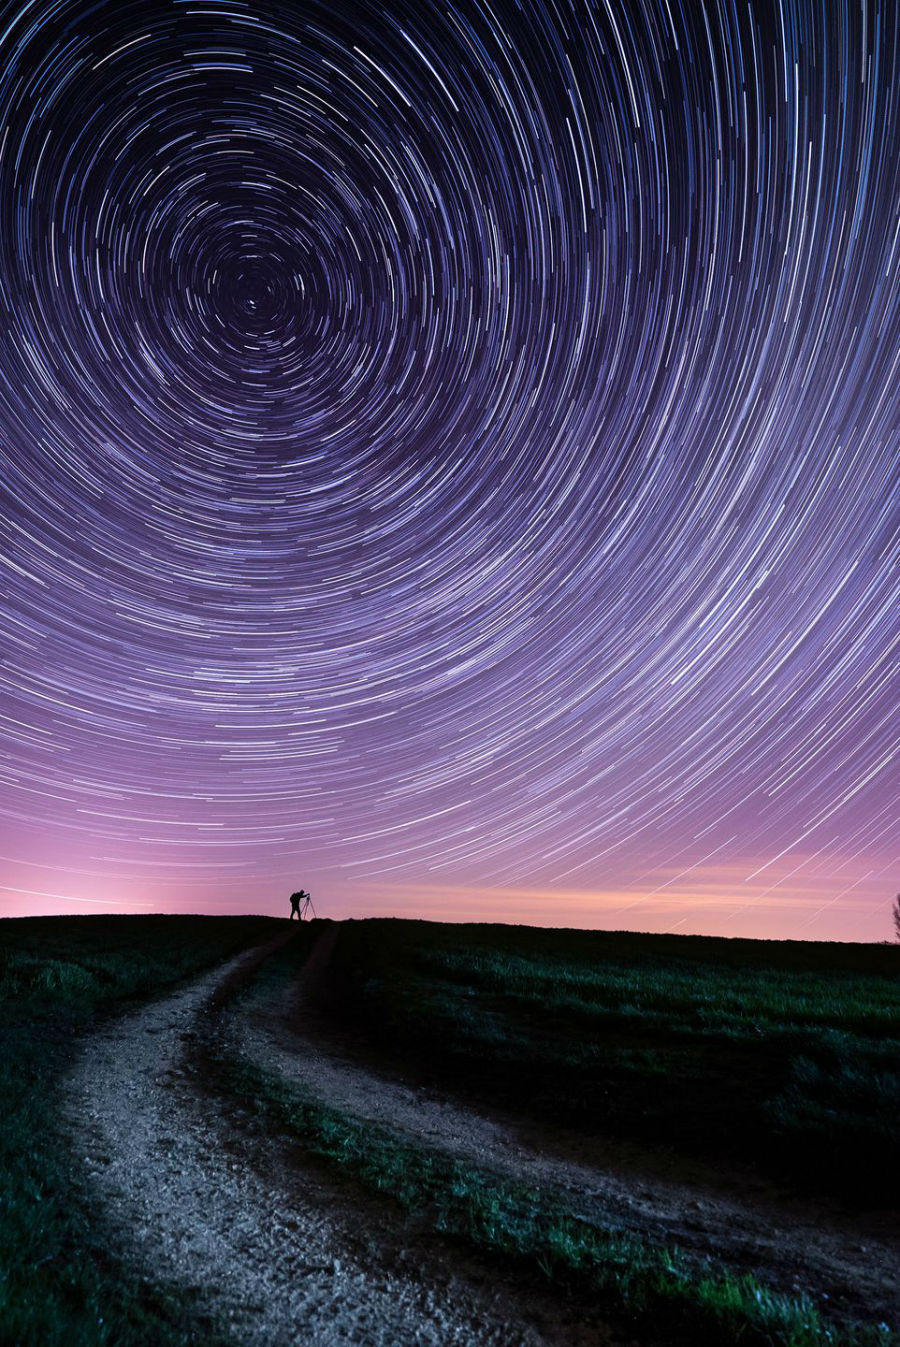 نمایش حرکت دورانی ستاره ها در آسمان شب در زمان تحویل بهار به تابستان به وقت انگلستان که با تکنیک عکاسی به این صورت ثبت شده است